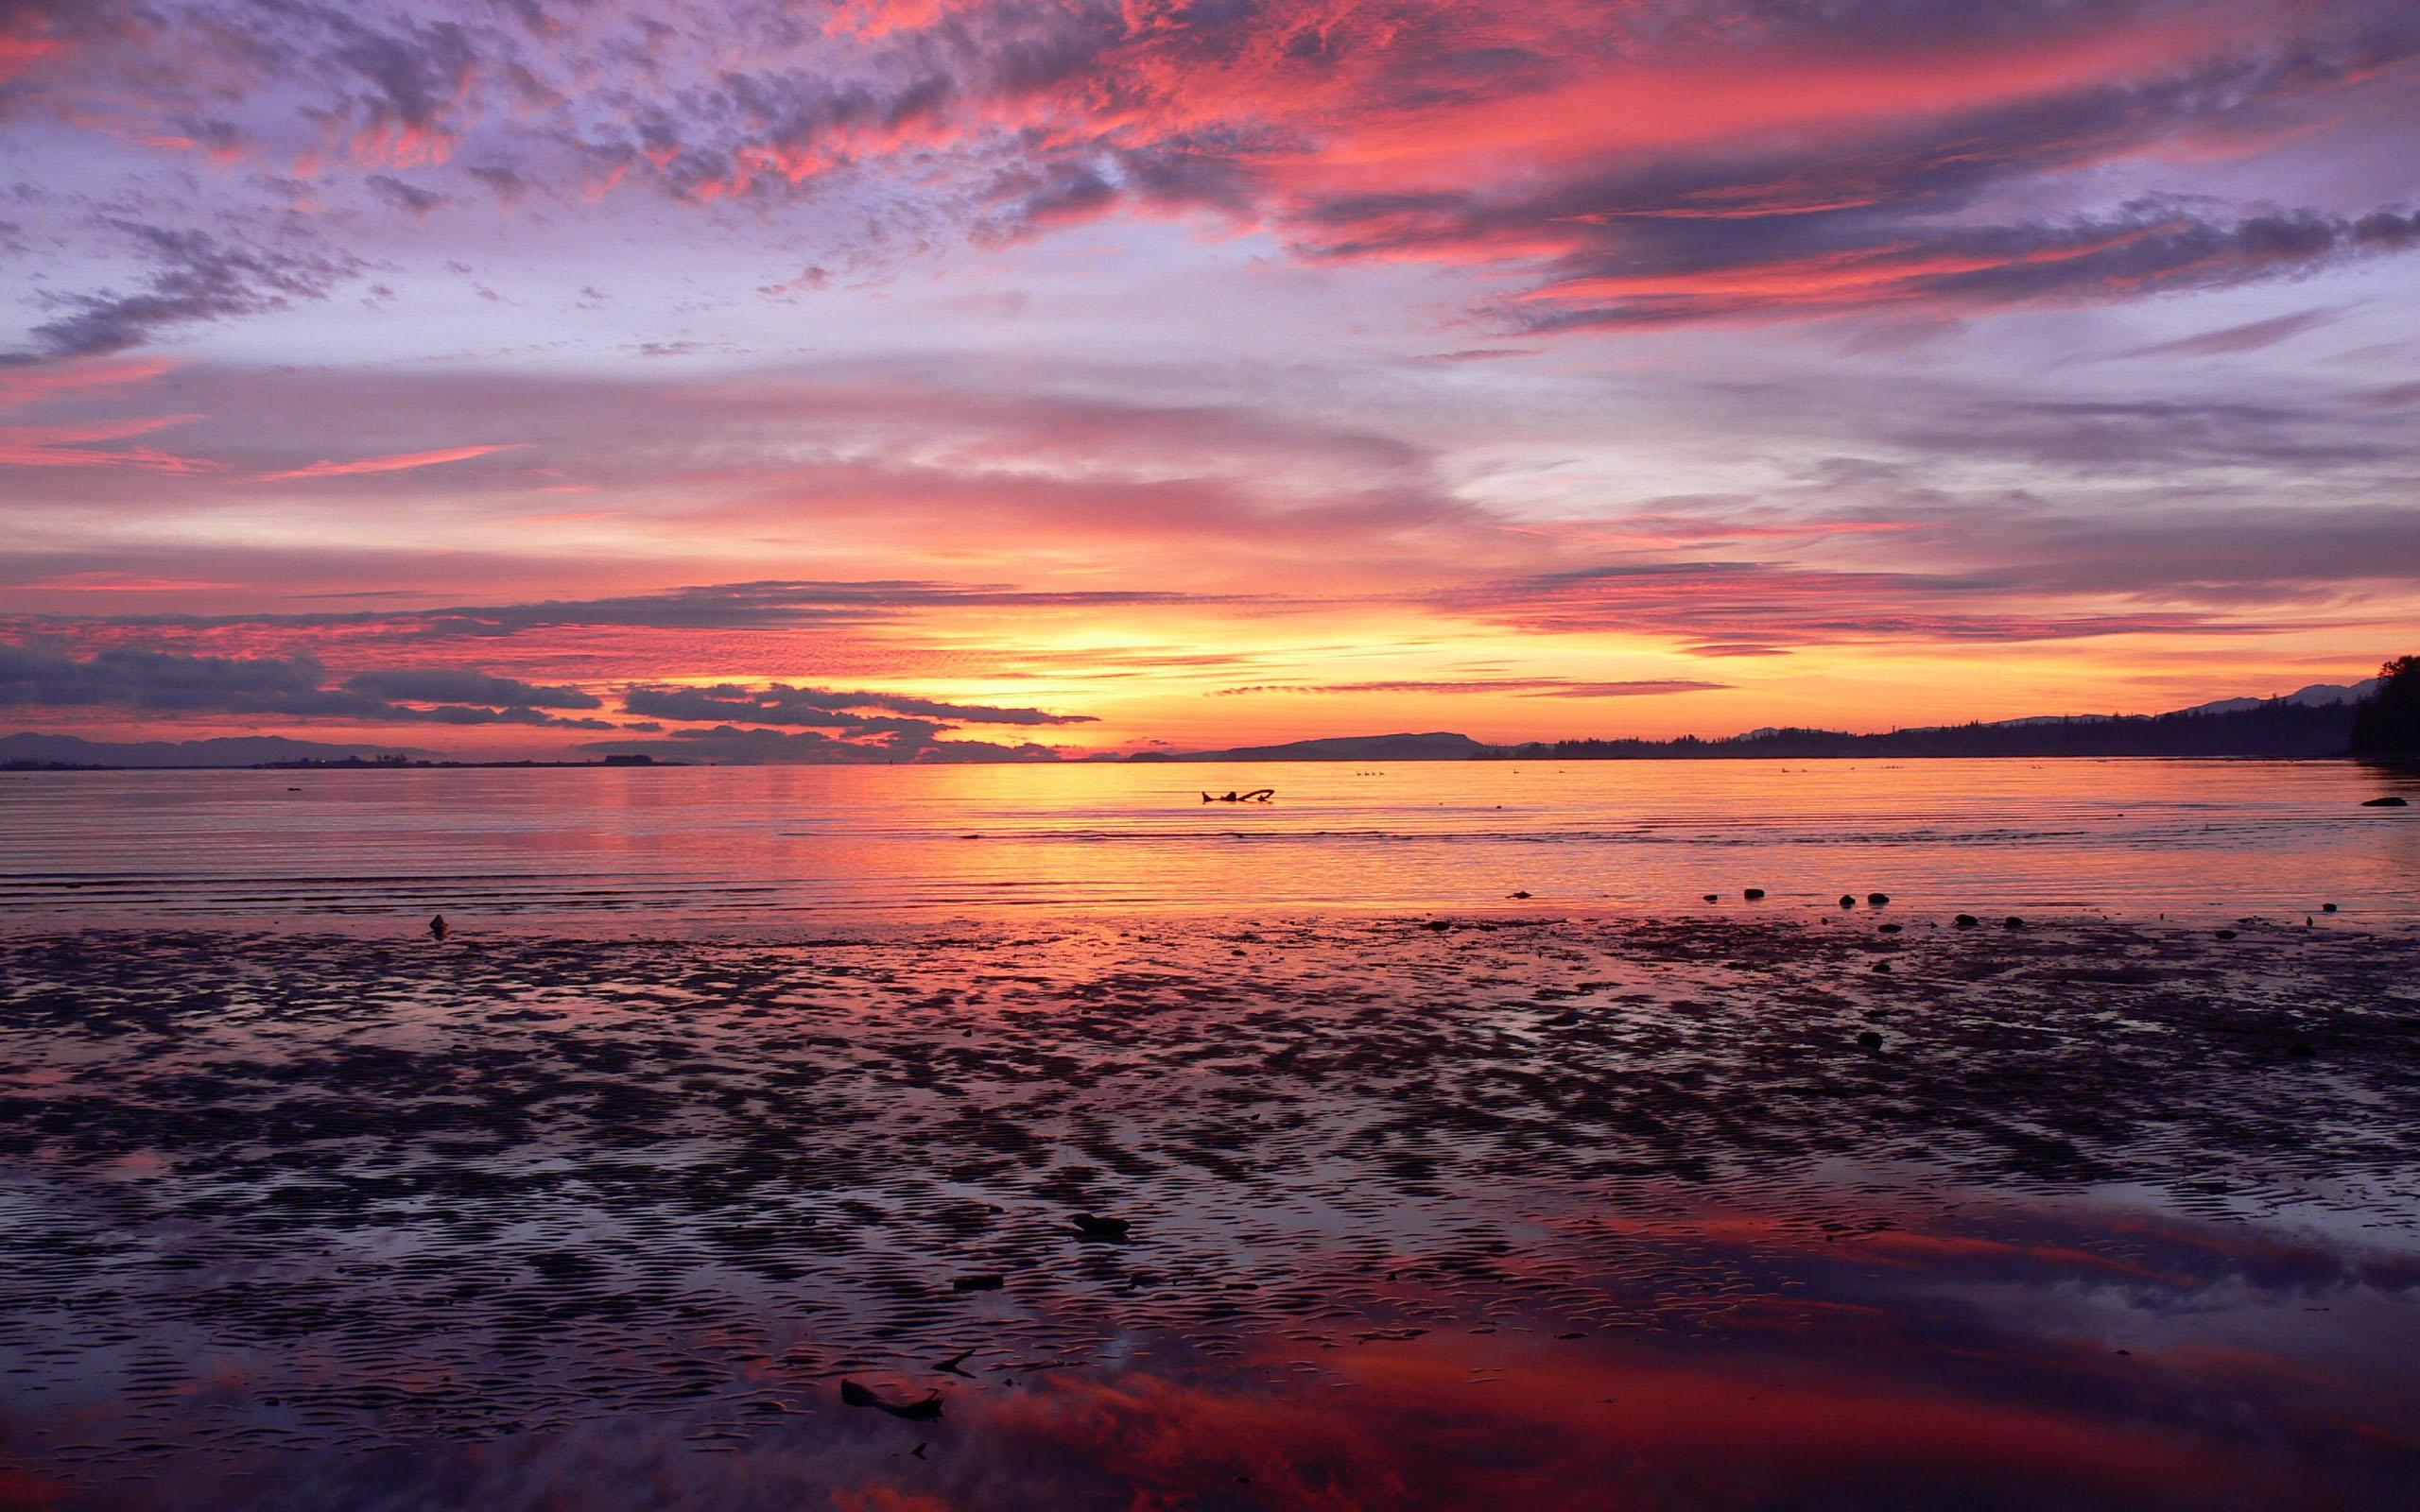 природа море горизонт небо закат  № 2493849 загрузить